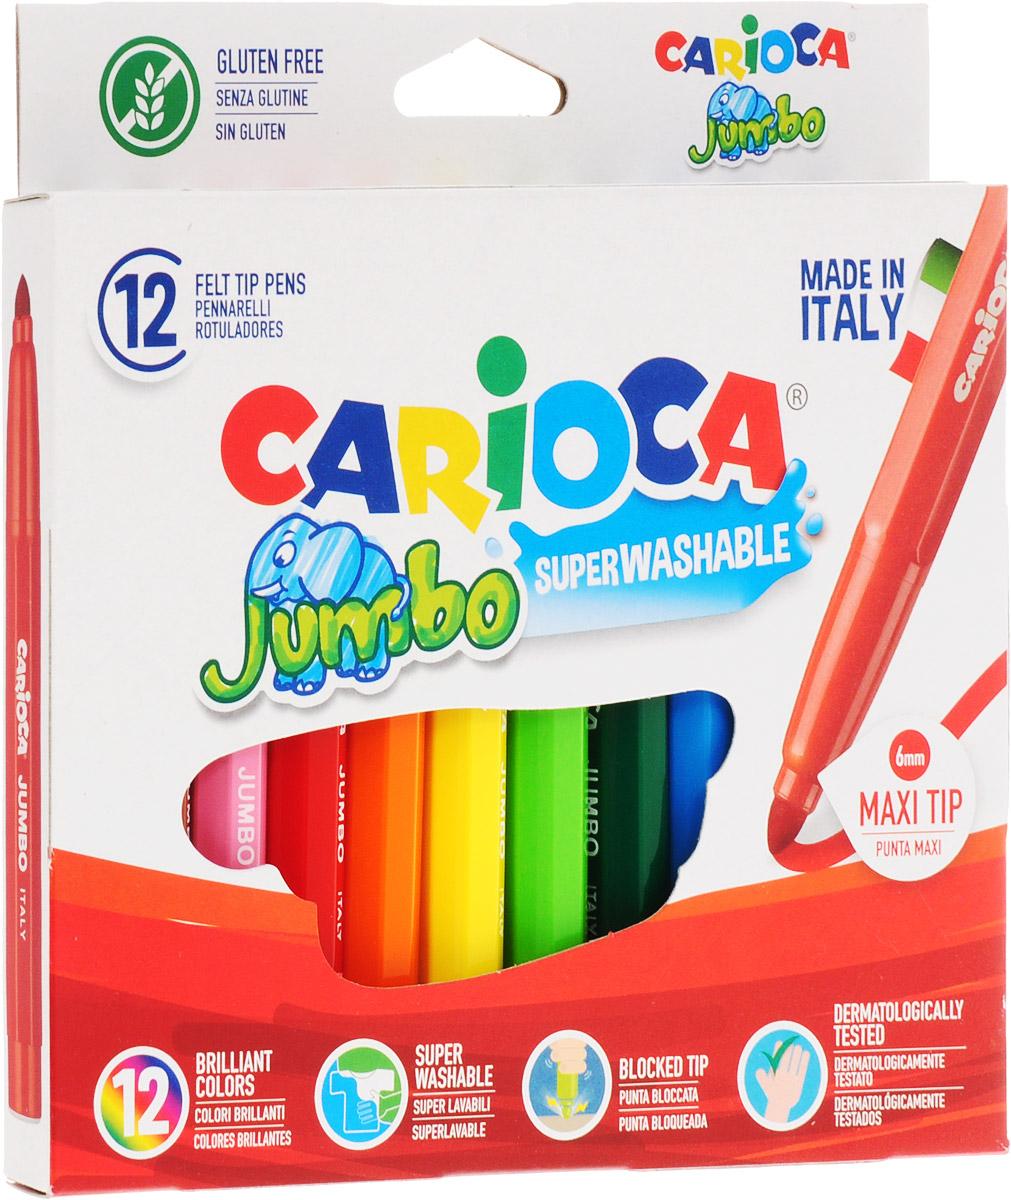 Набор фломастеров Carioca Jumbo, 12 цветов72523WDФломастеры Carioca Jumbo, непременно, понравятся вашему юному художнику.Набор включает в себя 6 ярких цветных фломастеров в удобном утолщенном корпусе с чернилами на водной основе и безопасными вентилируемыми колпачками. Такие фломастеры идеально подходят для малышей.Порадуйте своего ребенка таким замечательным подарком! Характеристики:Длина фломастера: 14 см.Диаметр фломастера: 1,2 см.Диаметр наконечника: 0,4 см. Размер упаковки: 17,5 см х 15 см х 1,5 см.Уважаемые клиенты! Обращаем ваше внимание на то, что упаковка может иметь несколько видов дизайна. Поставка осуществляется в зависимости от наличия на складе.